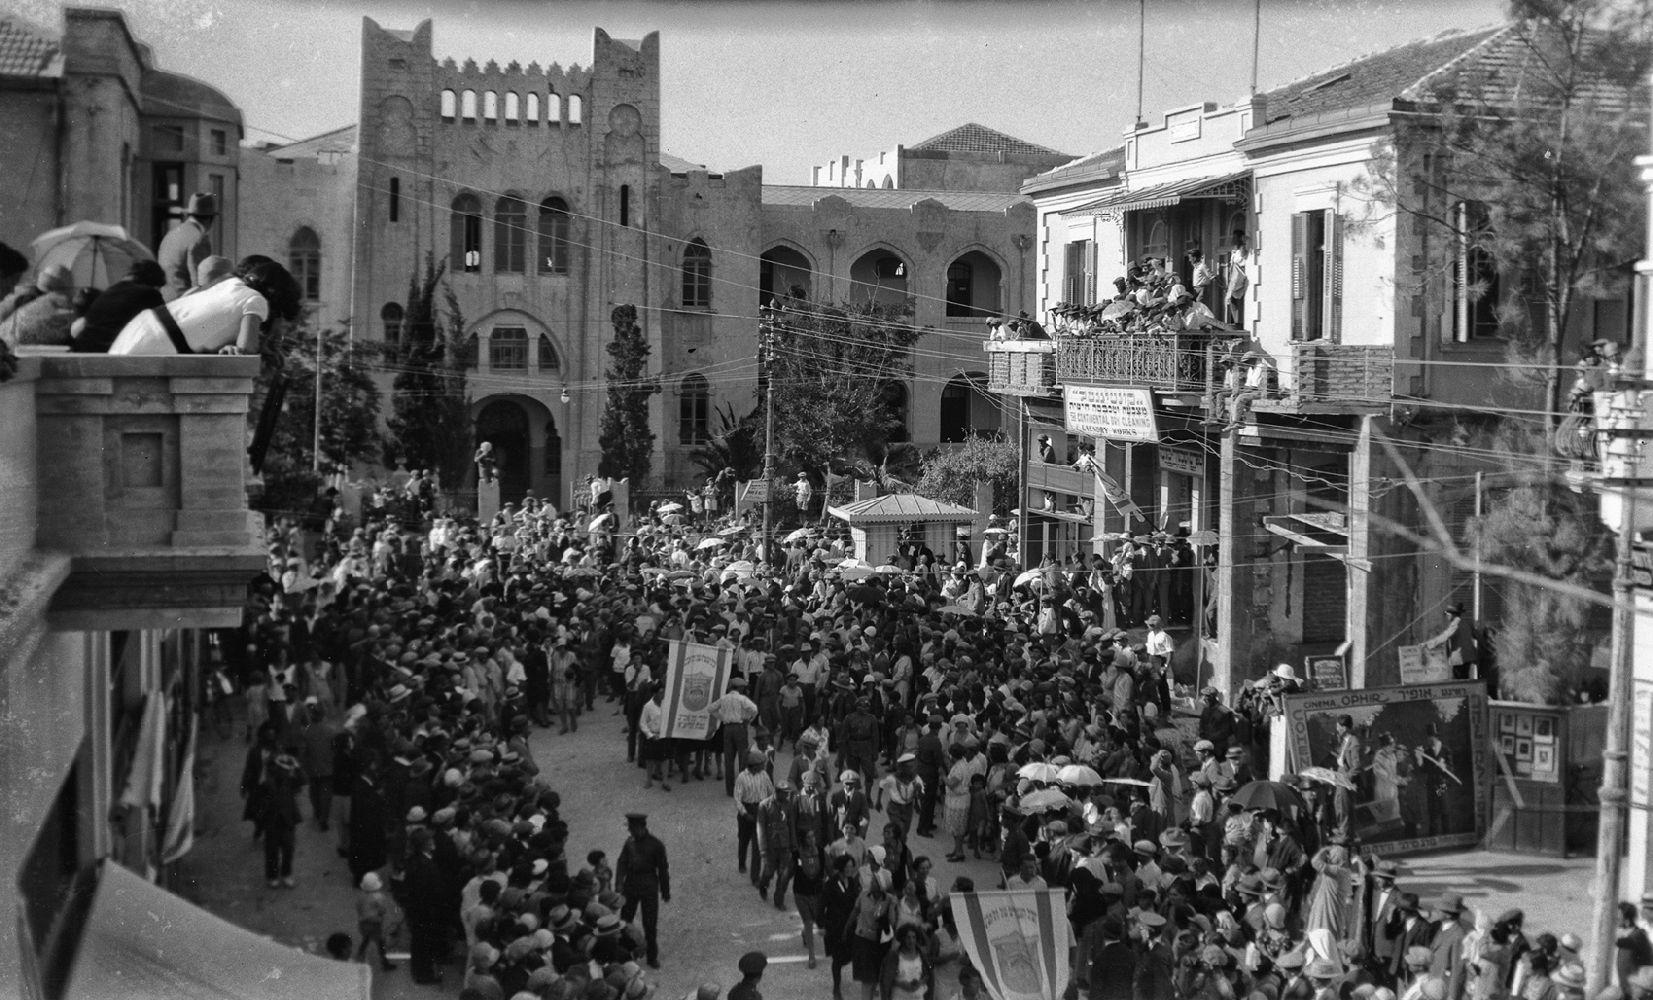 הגימנסיה הרצליה הייתה מוקד החיים בתל אביב הקטנה